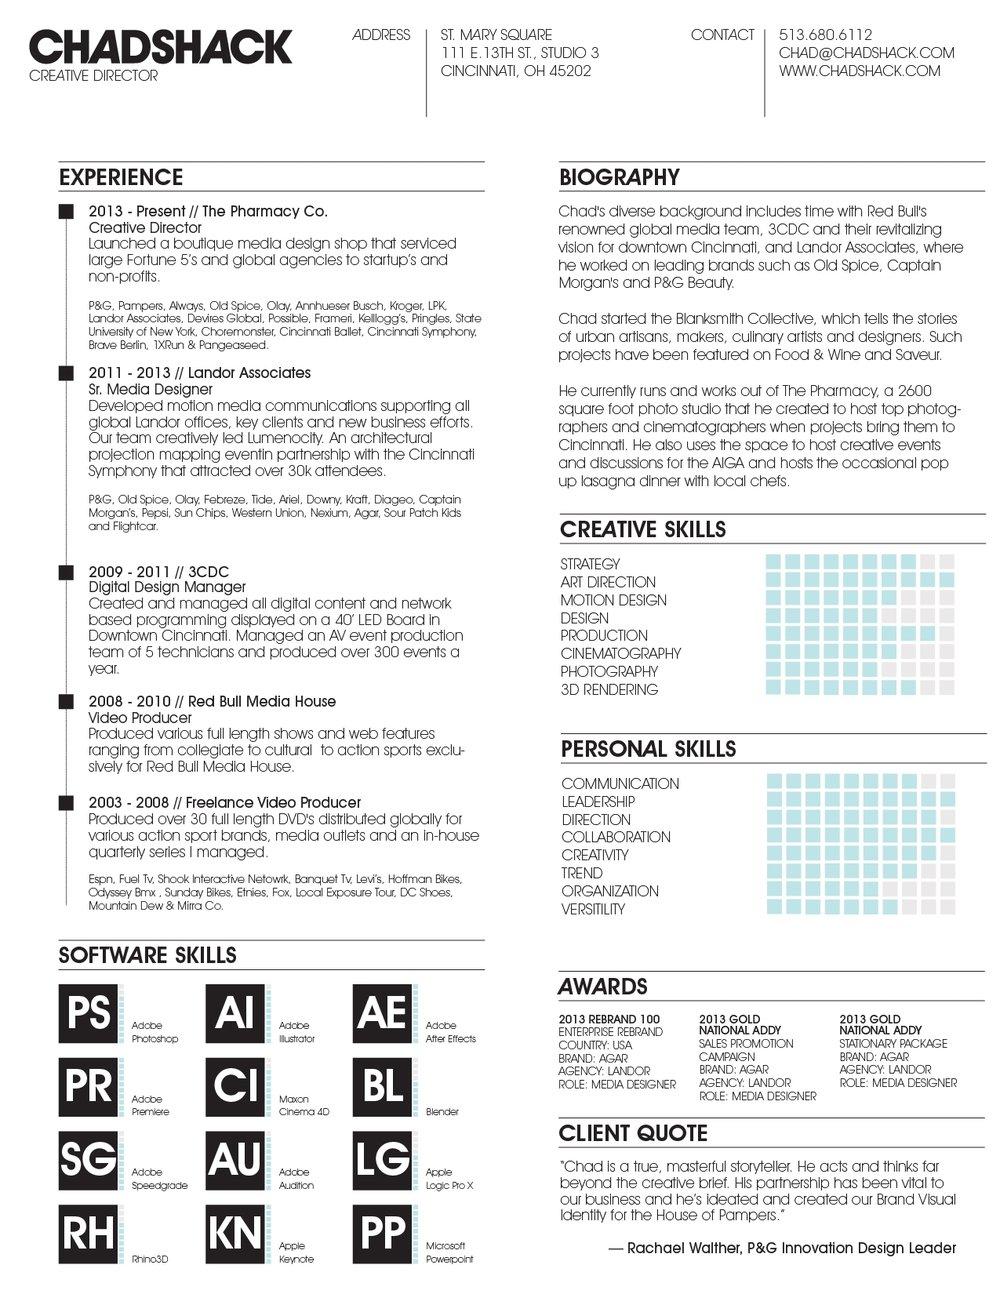 chadshack_resume